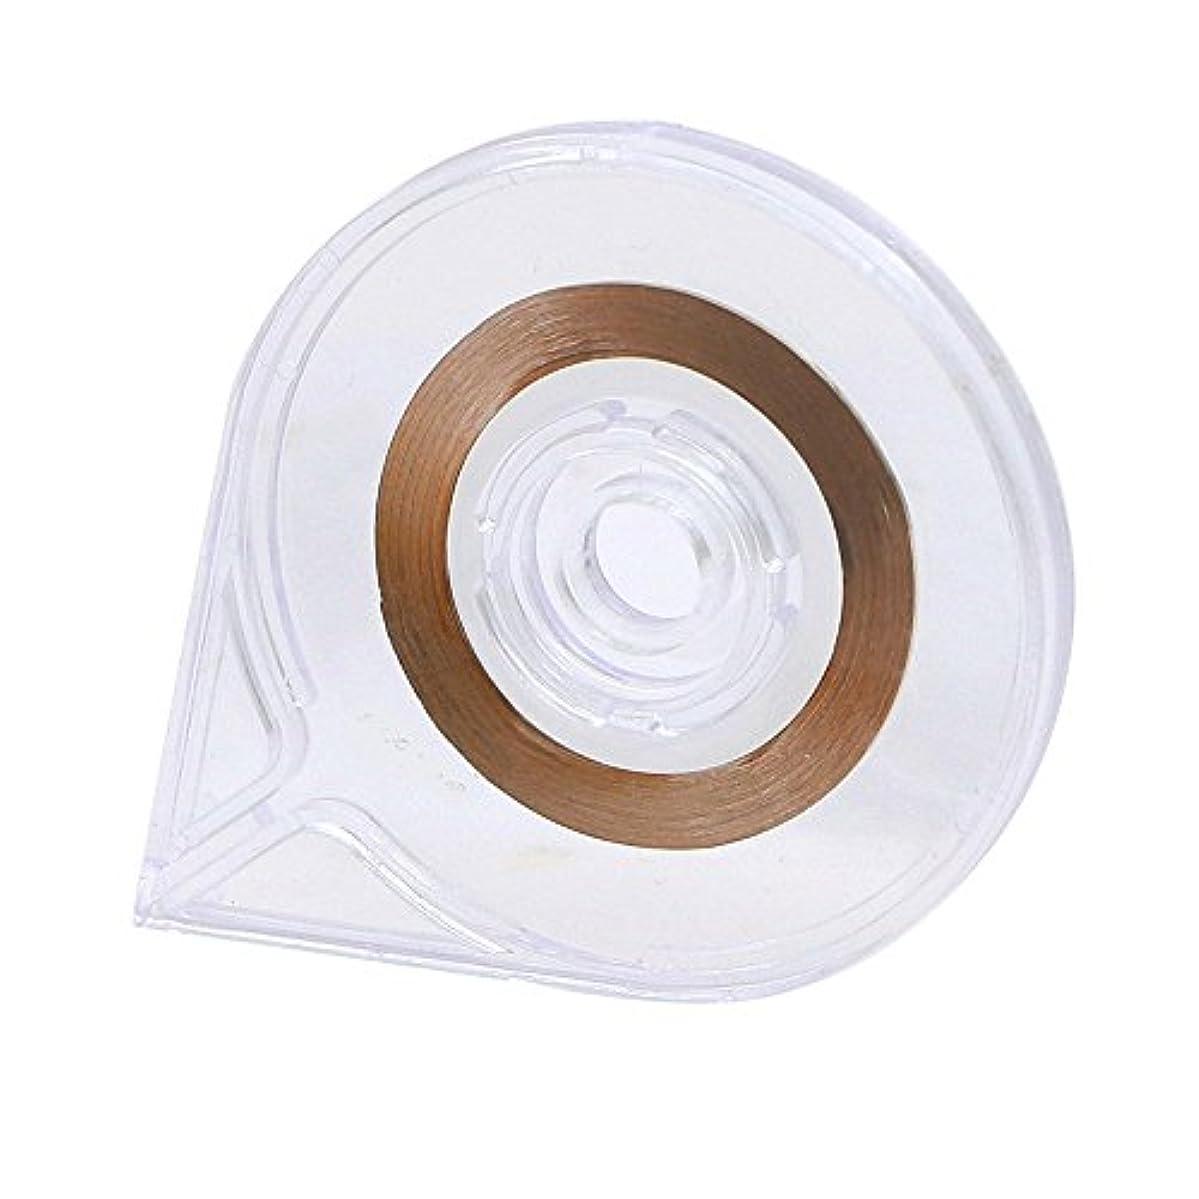 牛ハプニング道徳SODIAL(R) ネイルアート ストライピングテープラインケースツールステッカーボックスホルダー 使いやすいデザイン